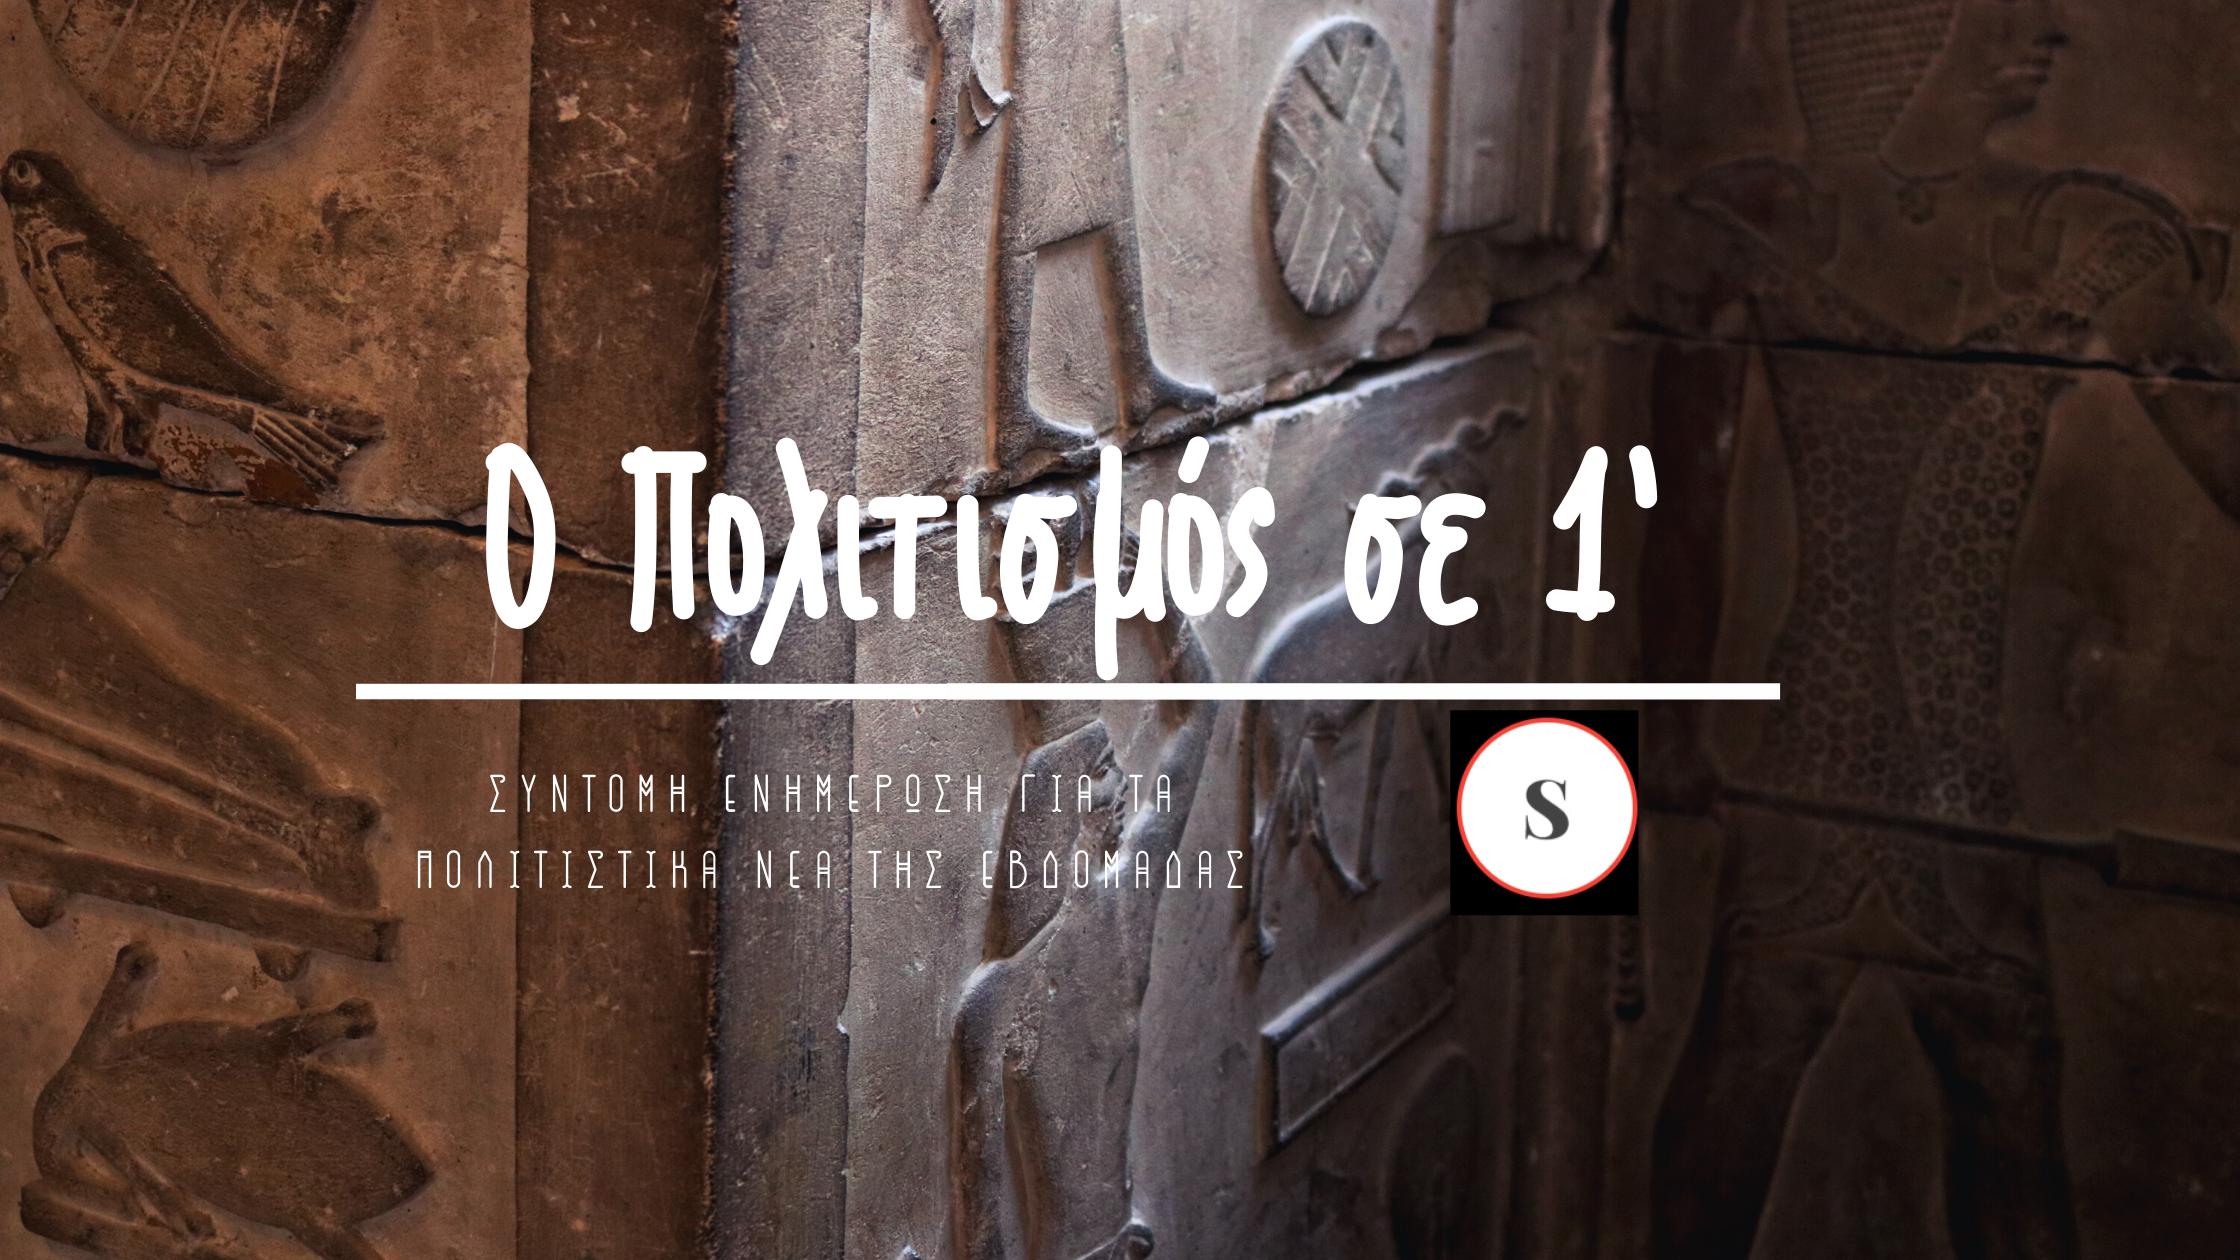 Τα πολιτιστικά νέα της εβδομάδας σε 1′ από το Sociall.gr